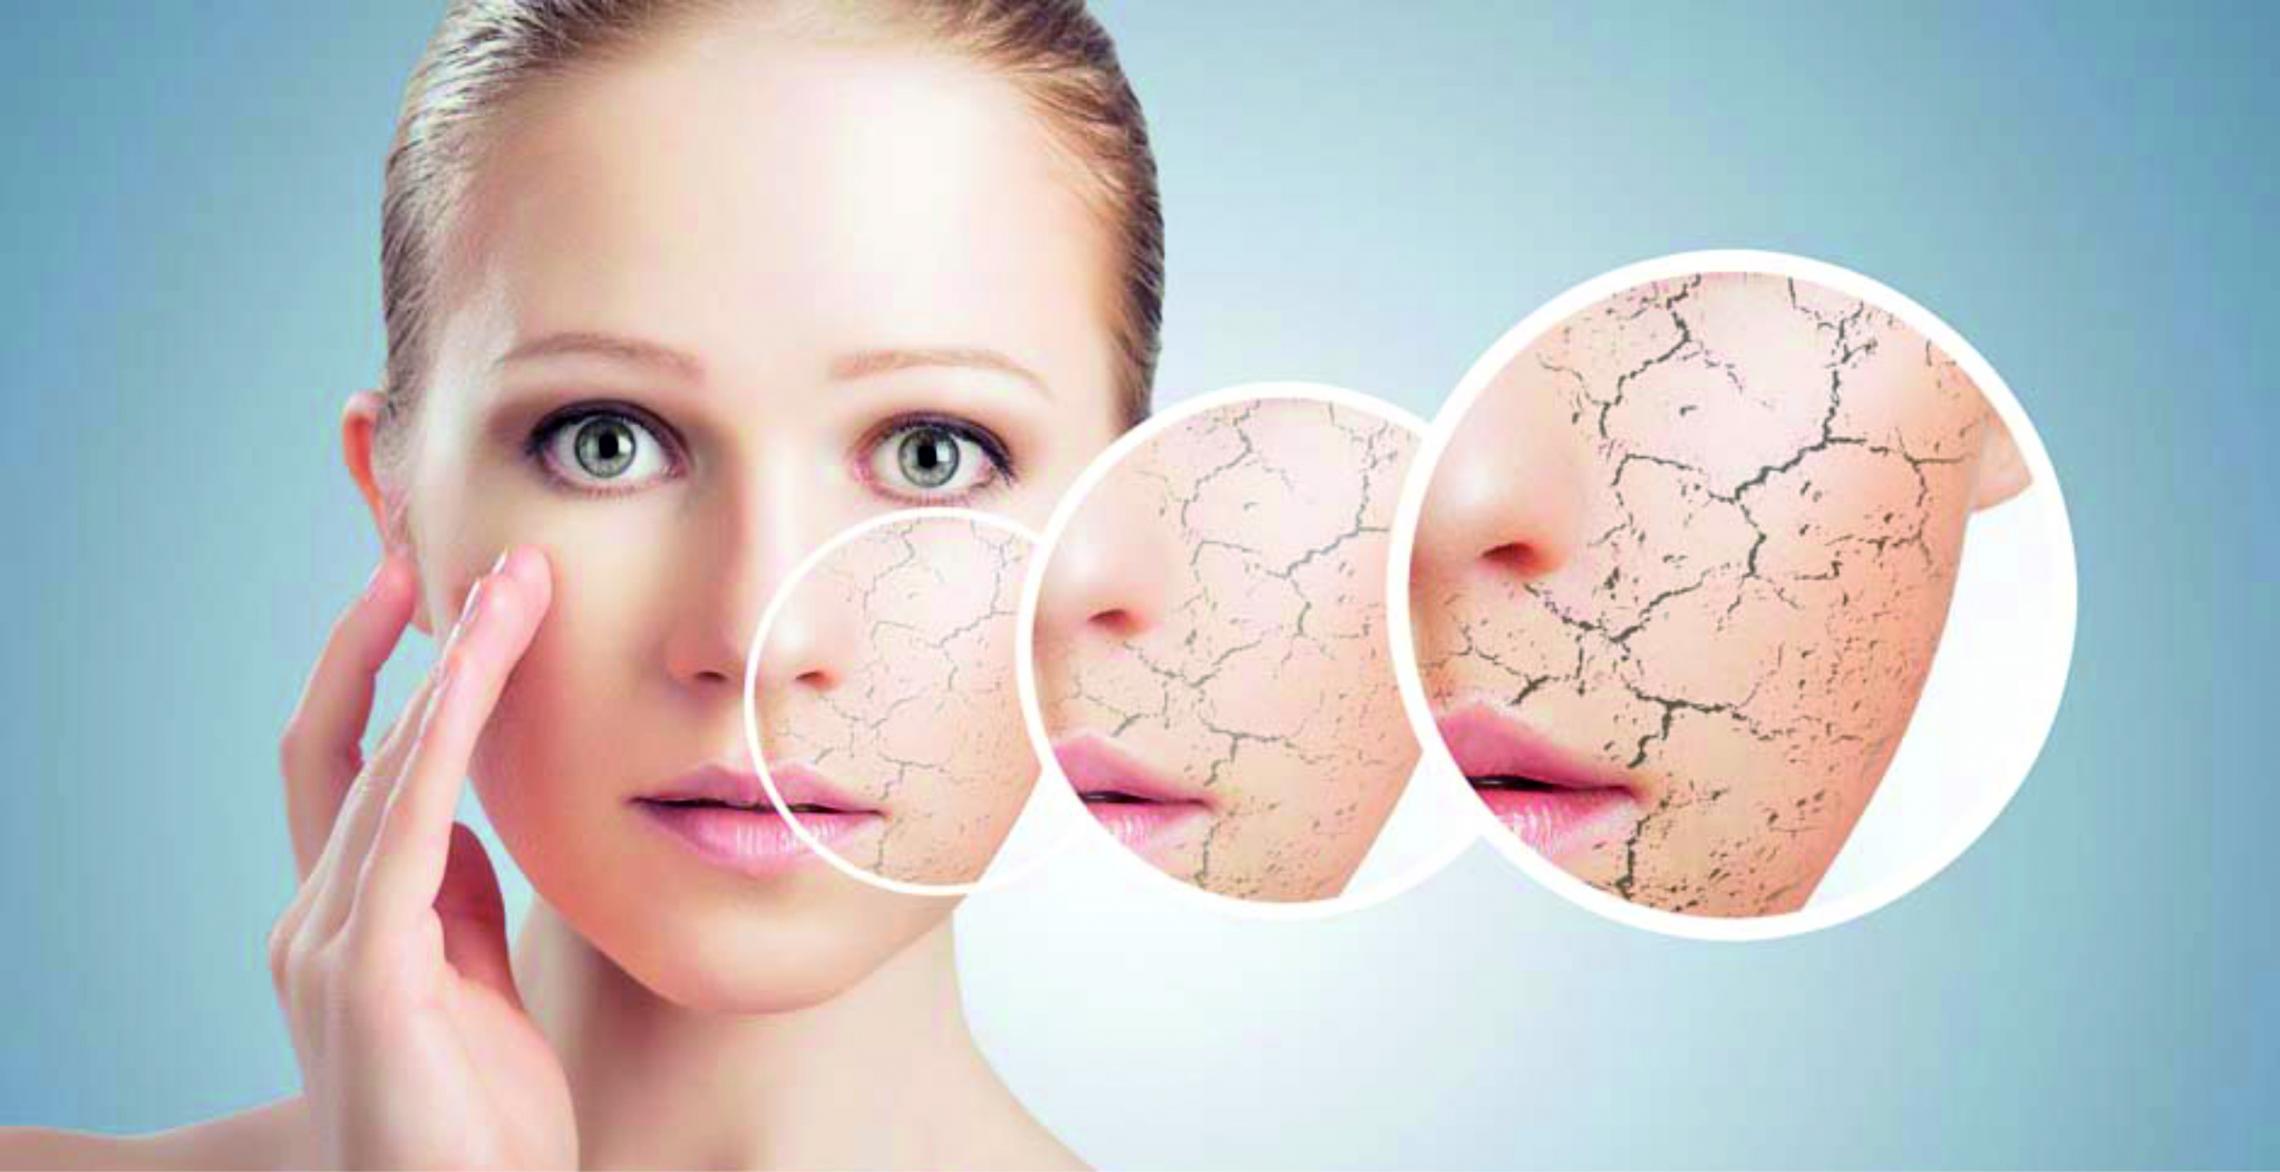 Проблемы сухости кожи и важность квалифицированного подхода при их решении | Мезотерапия и косметология в клинике Vitaura